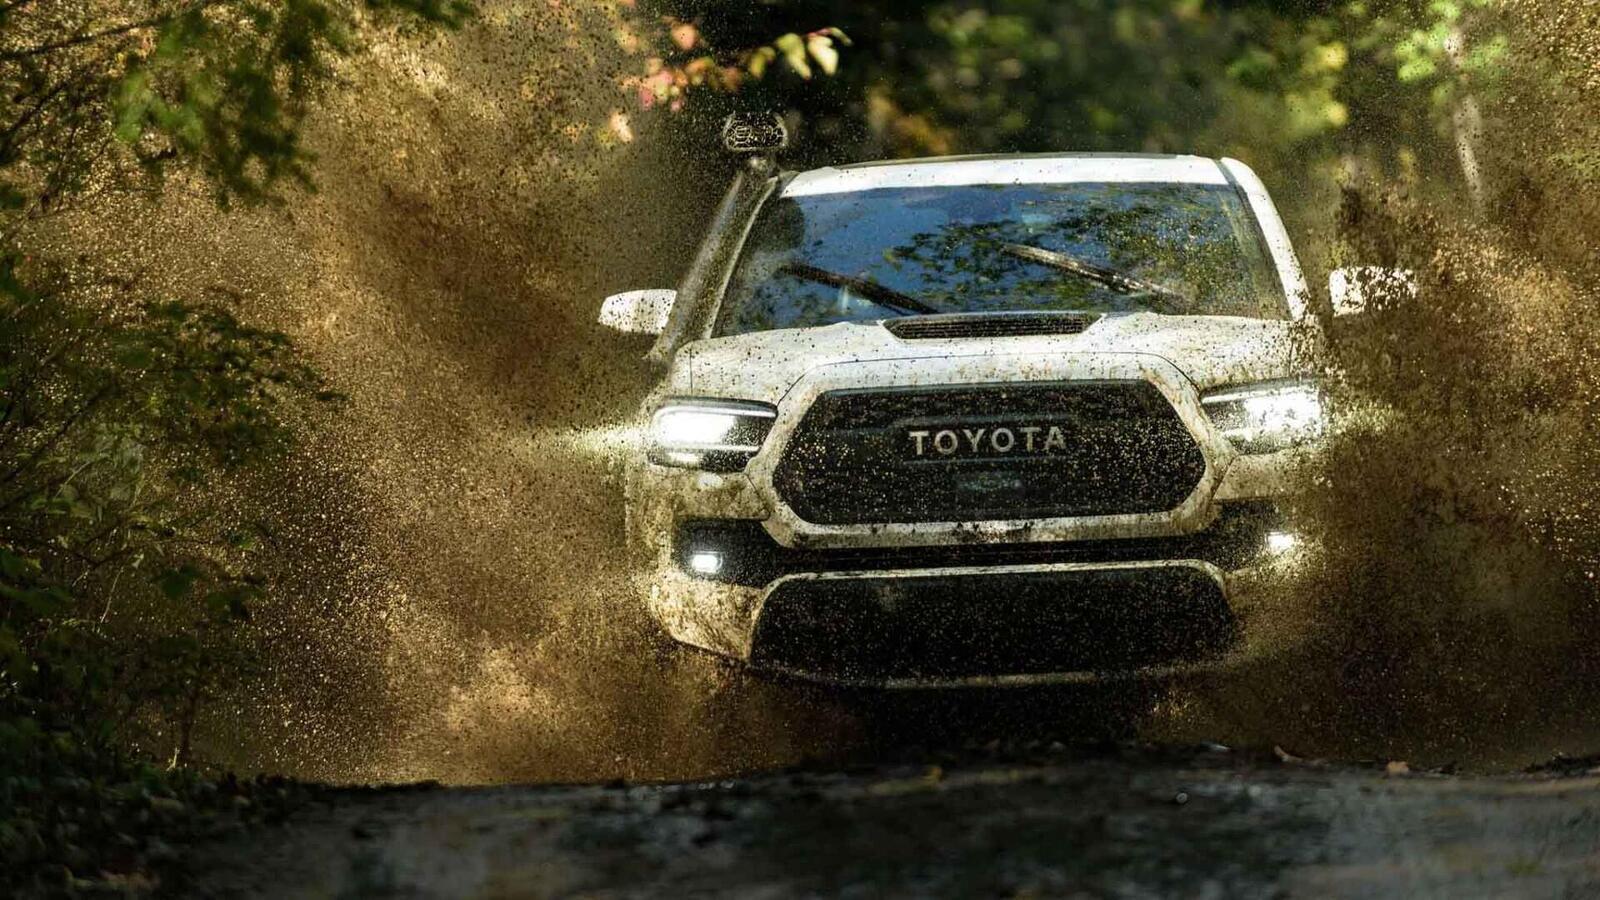 Xem trước bán tải Toyota Tacoma 2020 mới trước ngày ra mắt đối thủ đáng gờm của Ford Ranger - Hình 4